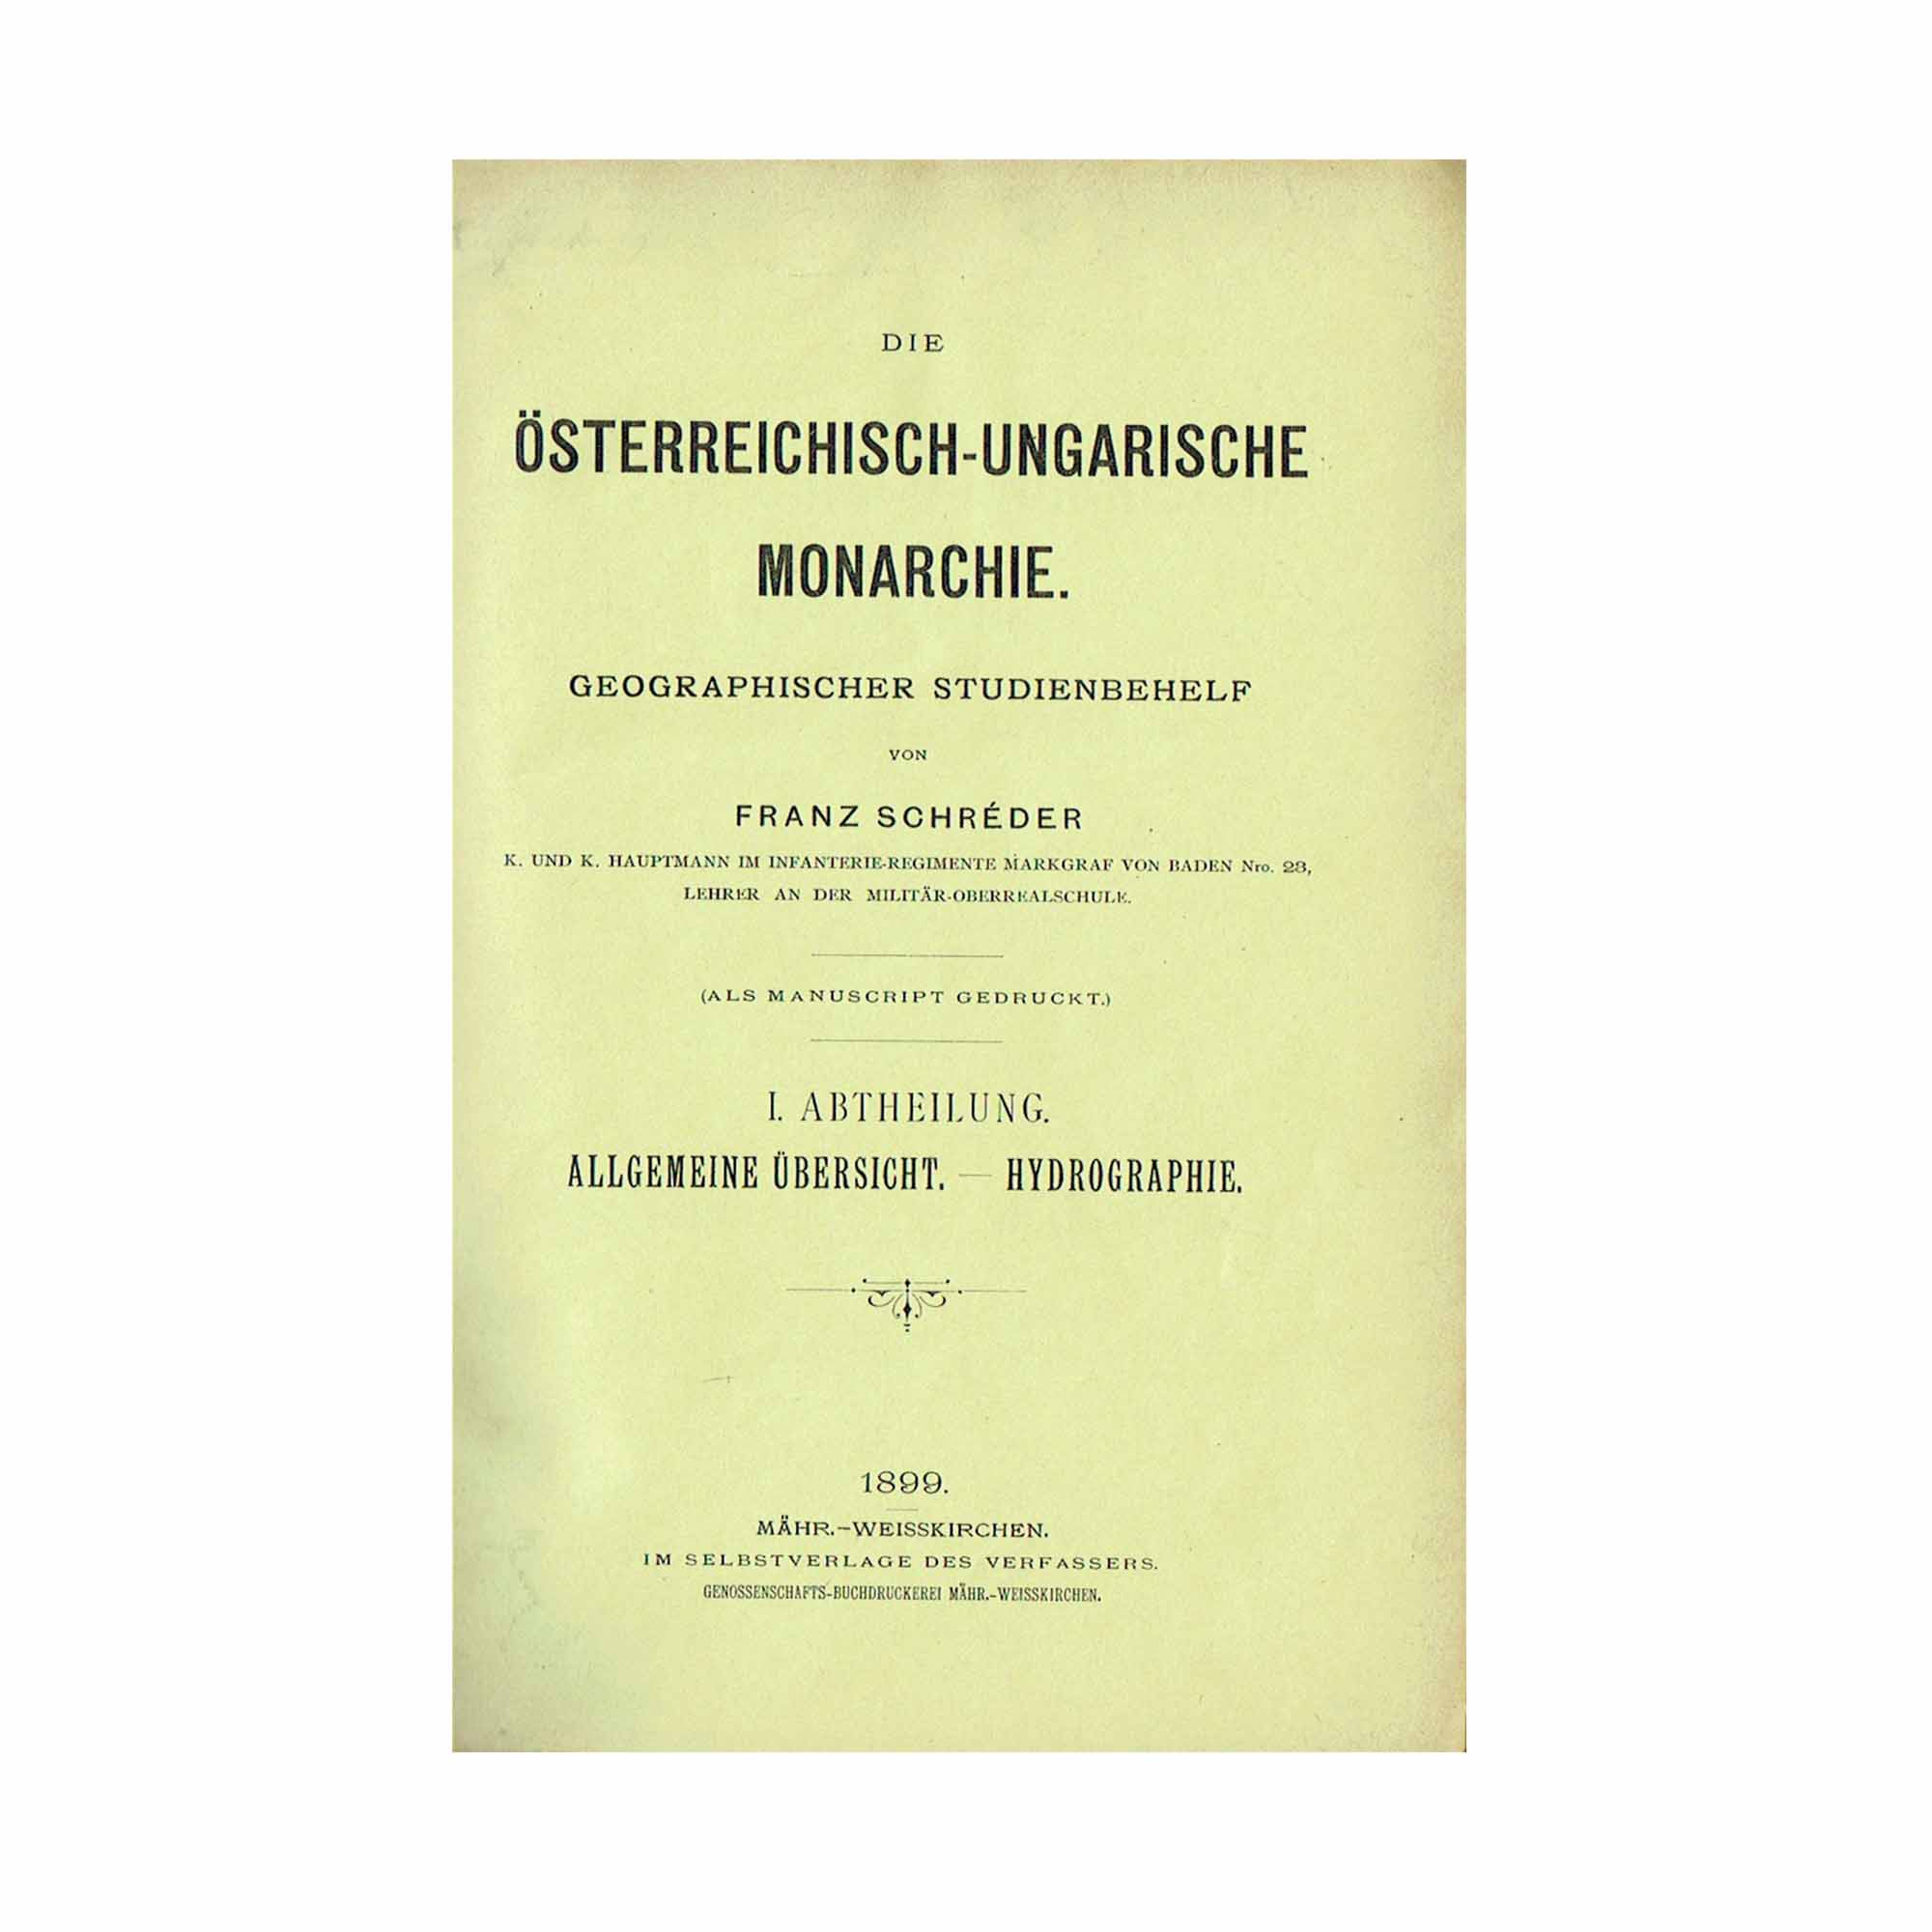 5443-Schréder-Geographie-1897-1899-Titel-N.jpg